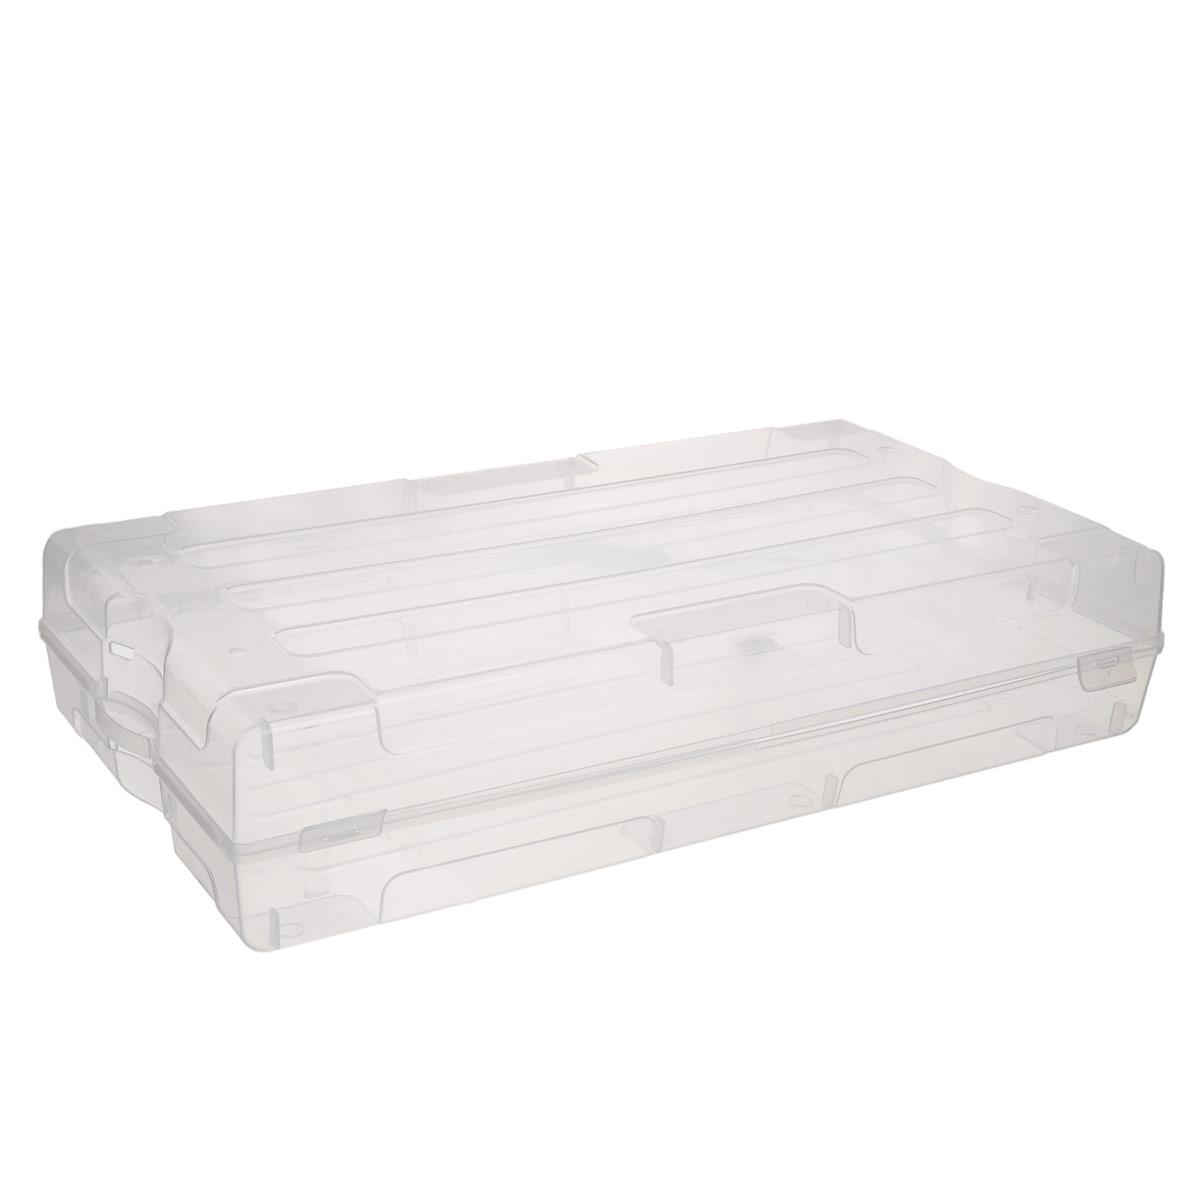 Коробка для хранения обуви Idea, 61 х 34 х 13 смМ 2870Коробка Idea изготовлена из прозрачного пластика. Изделие специально предназначено для хранения одной пары мужской обуви. Закрывается коробка на две защелки.Коробка имеет ручки для удобства ее транспортировки.Коробка для хранения Idea - идеальное решение для аккуратного хранения вашей обуви.